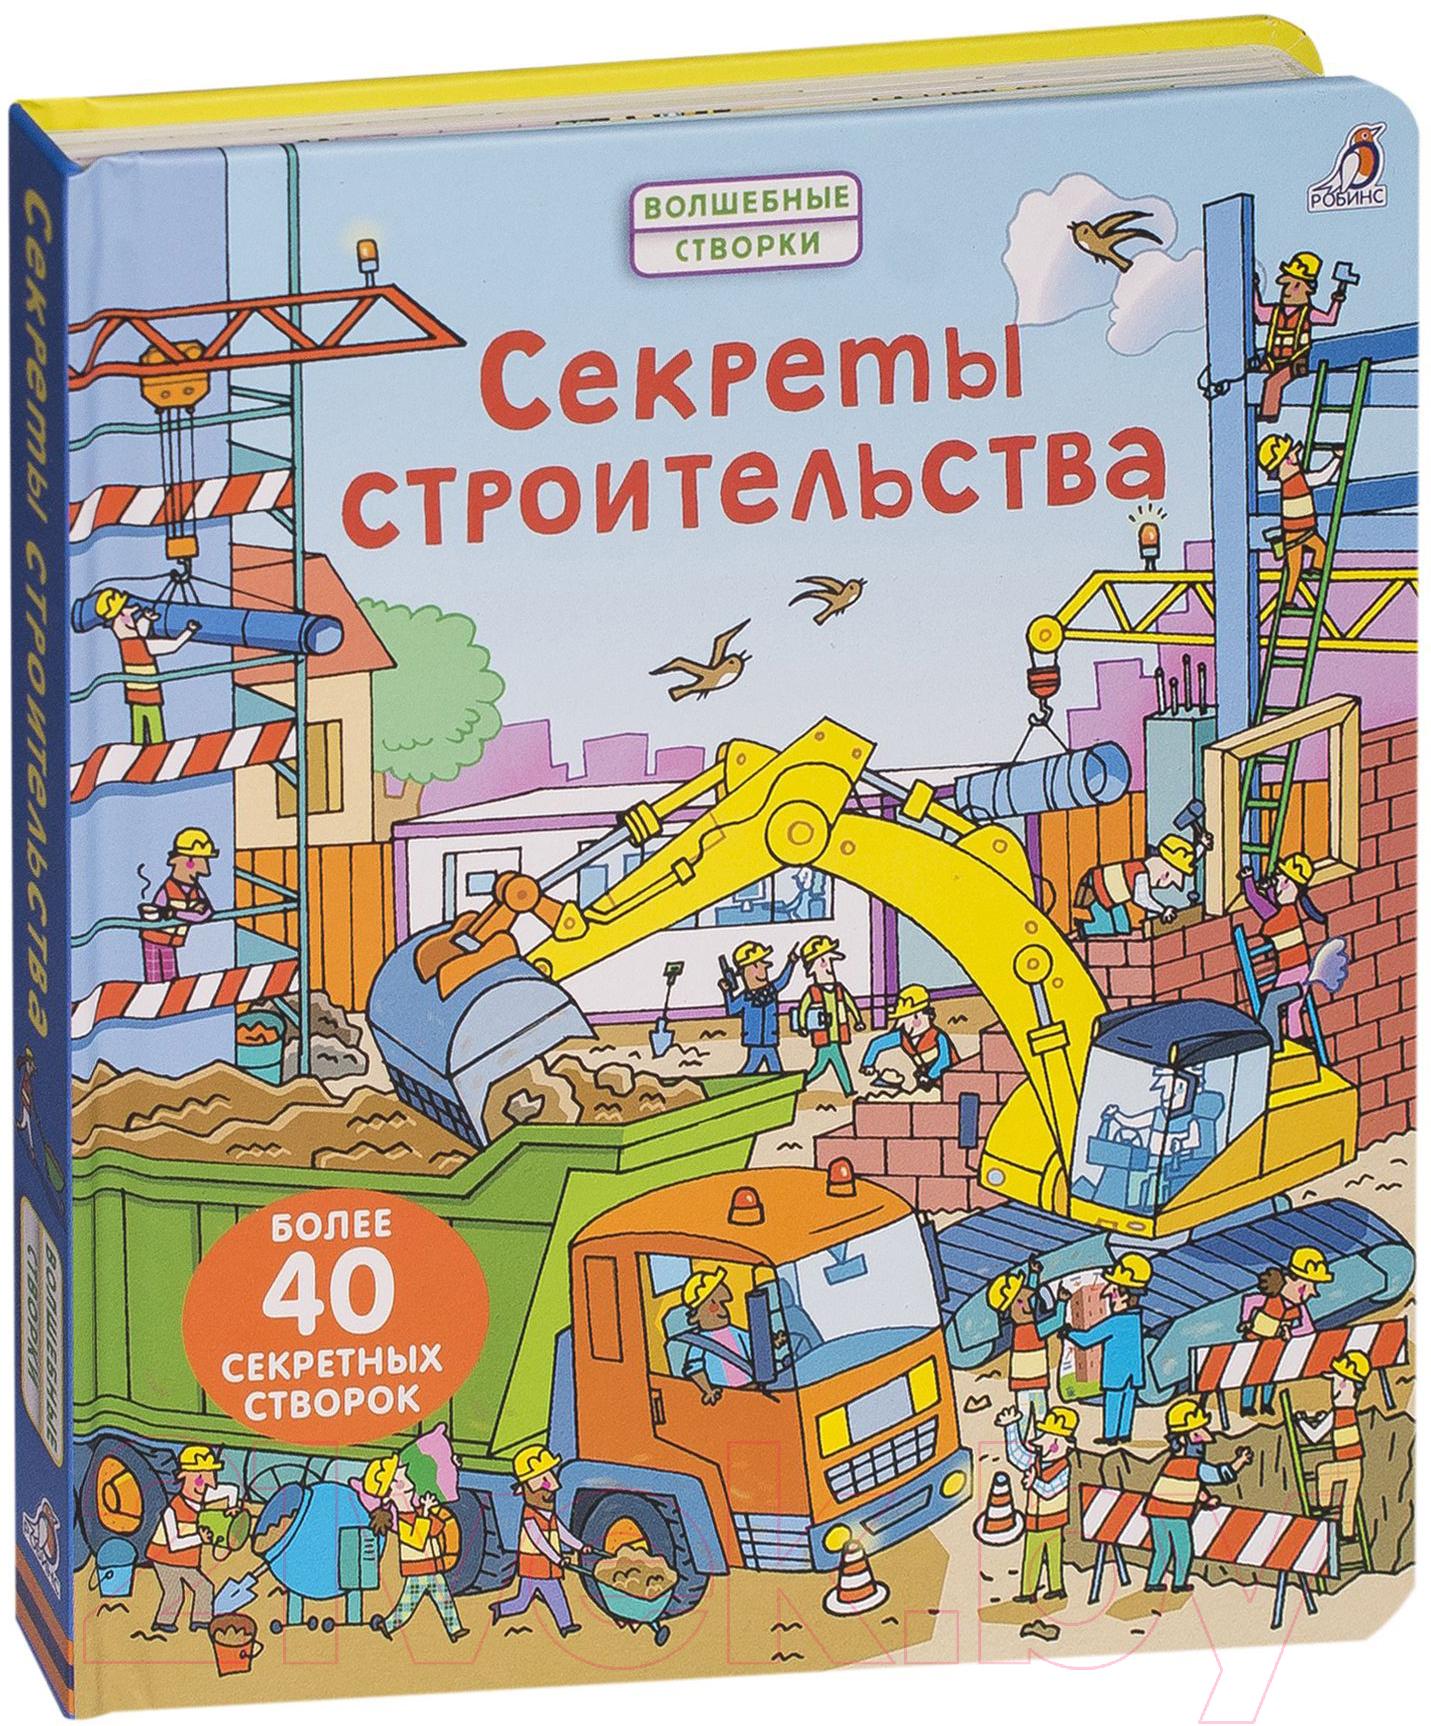 Купить Энциклопедия Робинс, Секреты строительства. Более 40 секретных створок (Джонс Р.), Россия